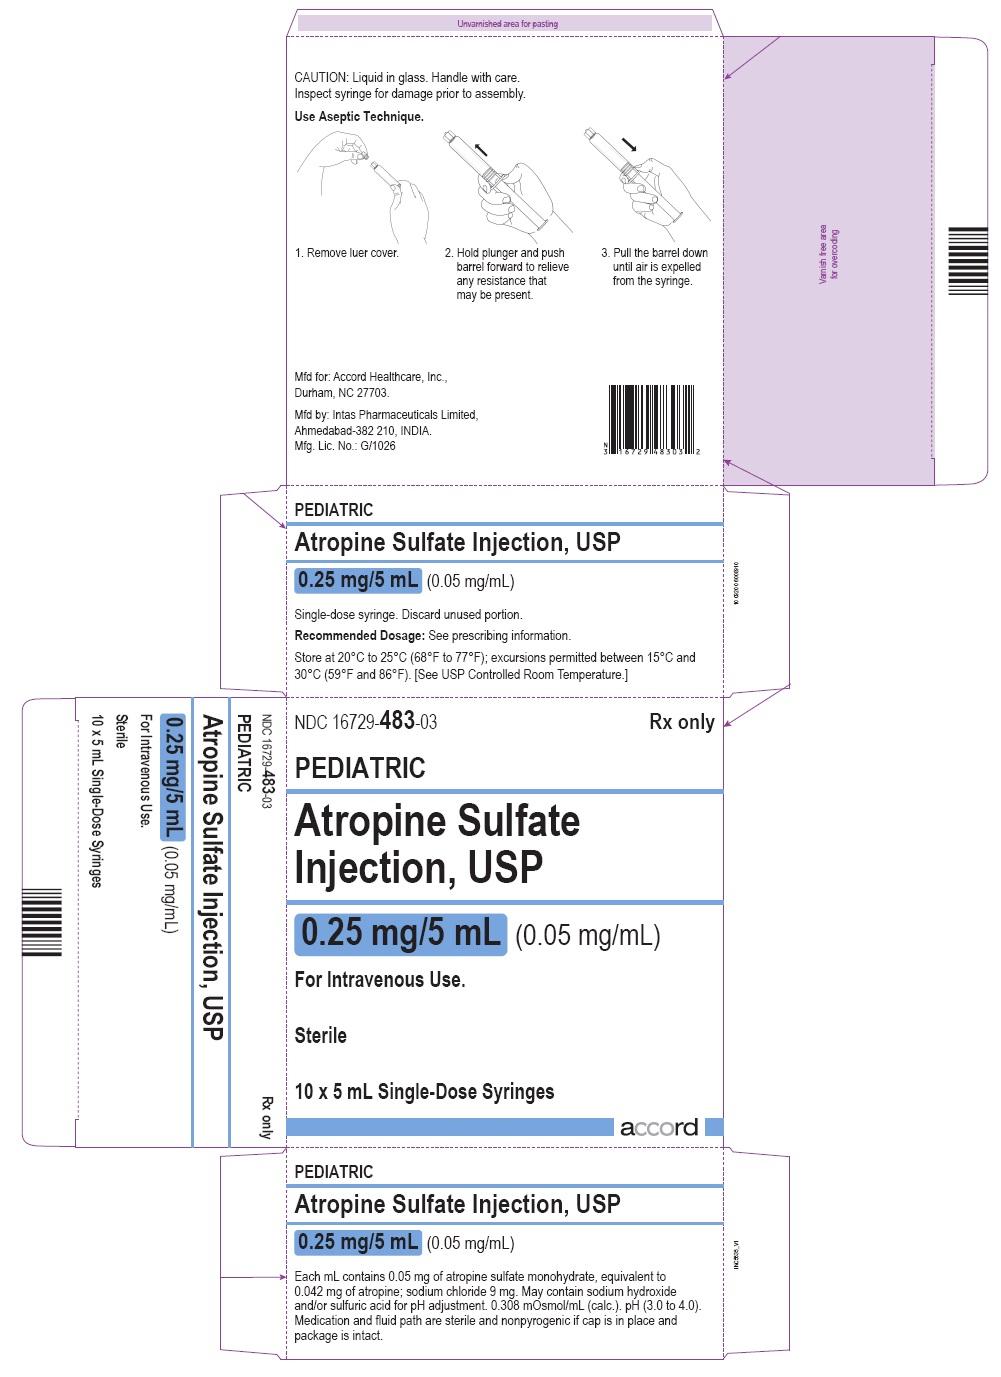 PRINCIPAL DISPLAY PANEL - 10 x 5 mL Syringe Carton